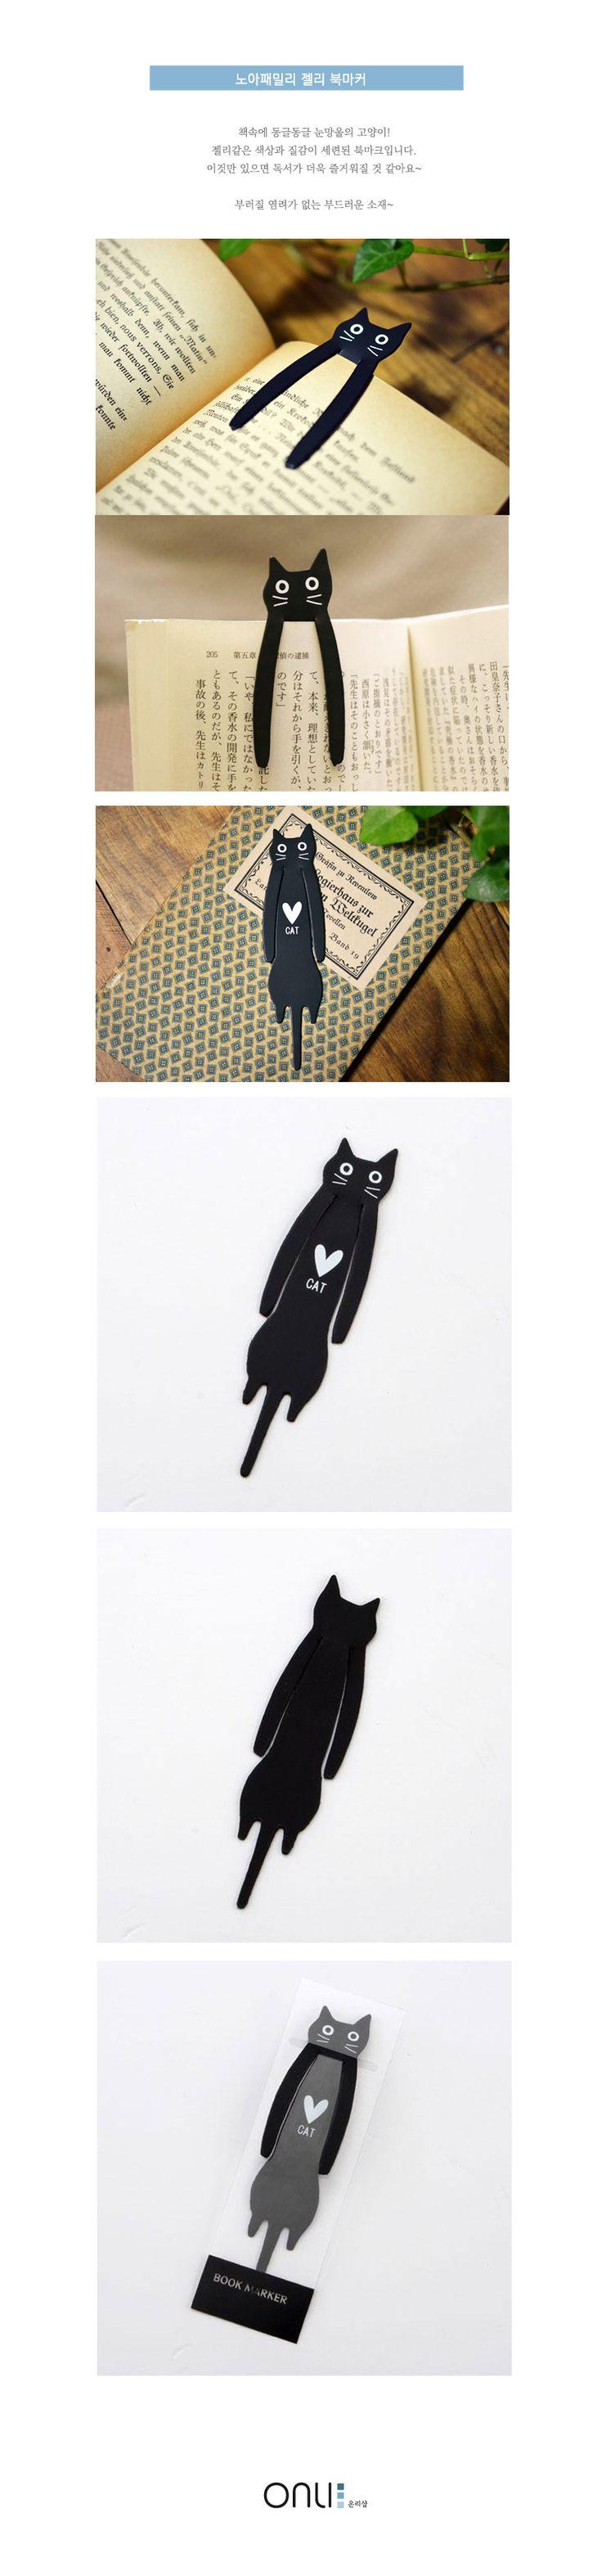 [온리샵 :] 노아패밀리 젤리 북마크 - 블랙  /  예쁜 고양이 캐릭터 책갈피, 북마커, 독서용품, 책깔피 추천 선물